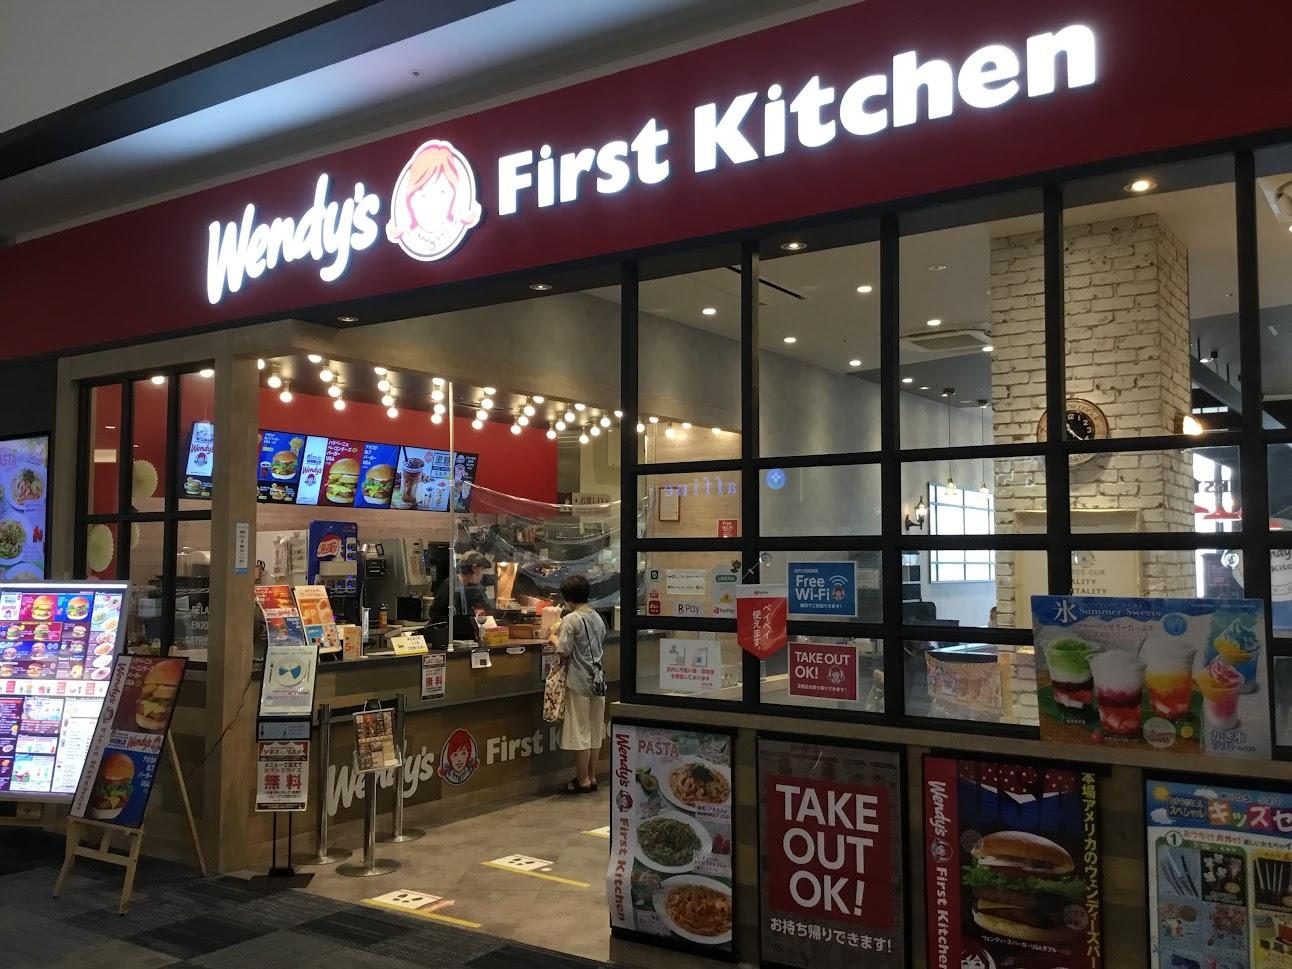 ウエンディーズ・ファーストキッチンイオンモール宮崎店のハンバーガセットを500円で食べてみた。